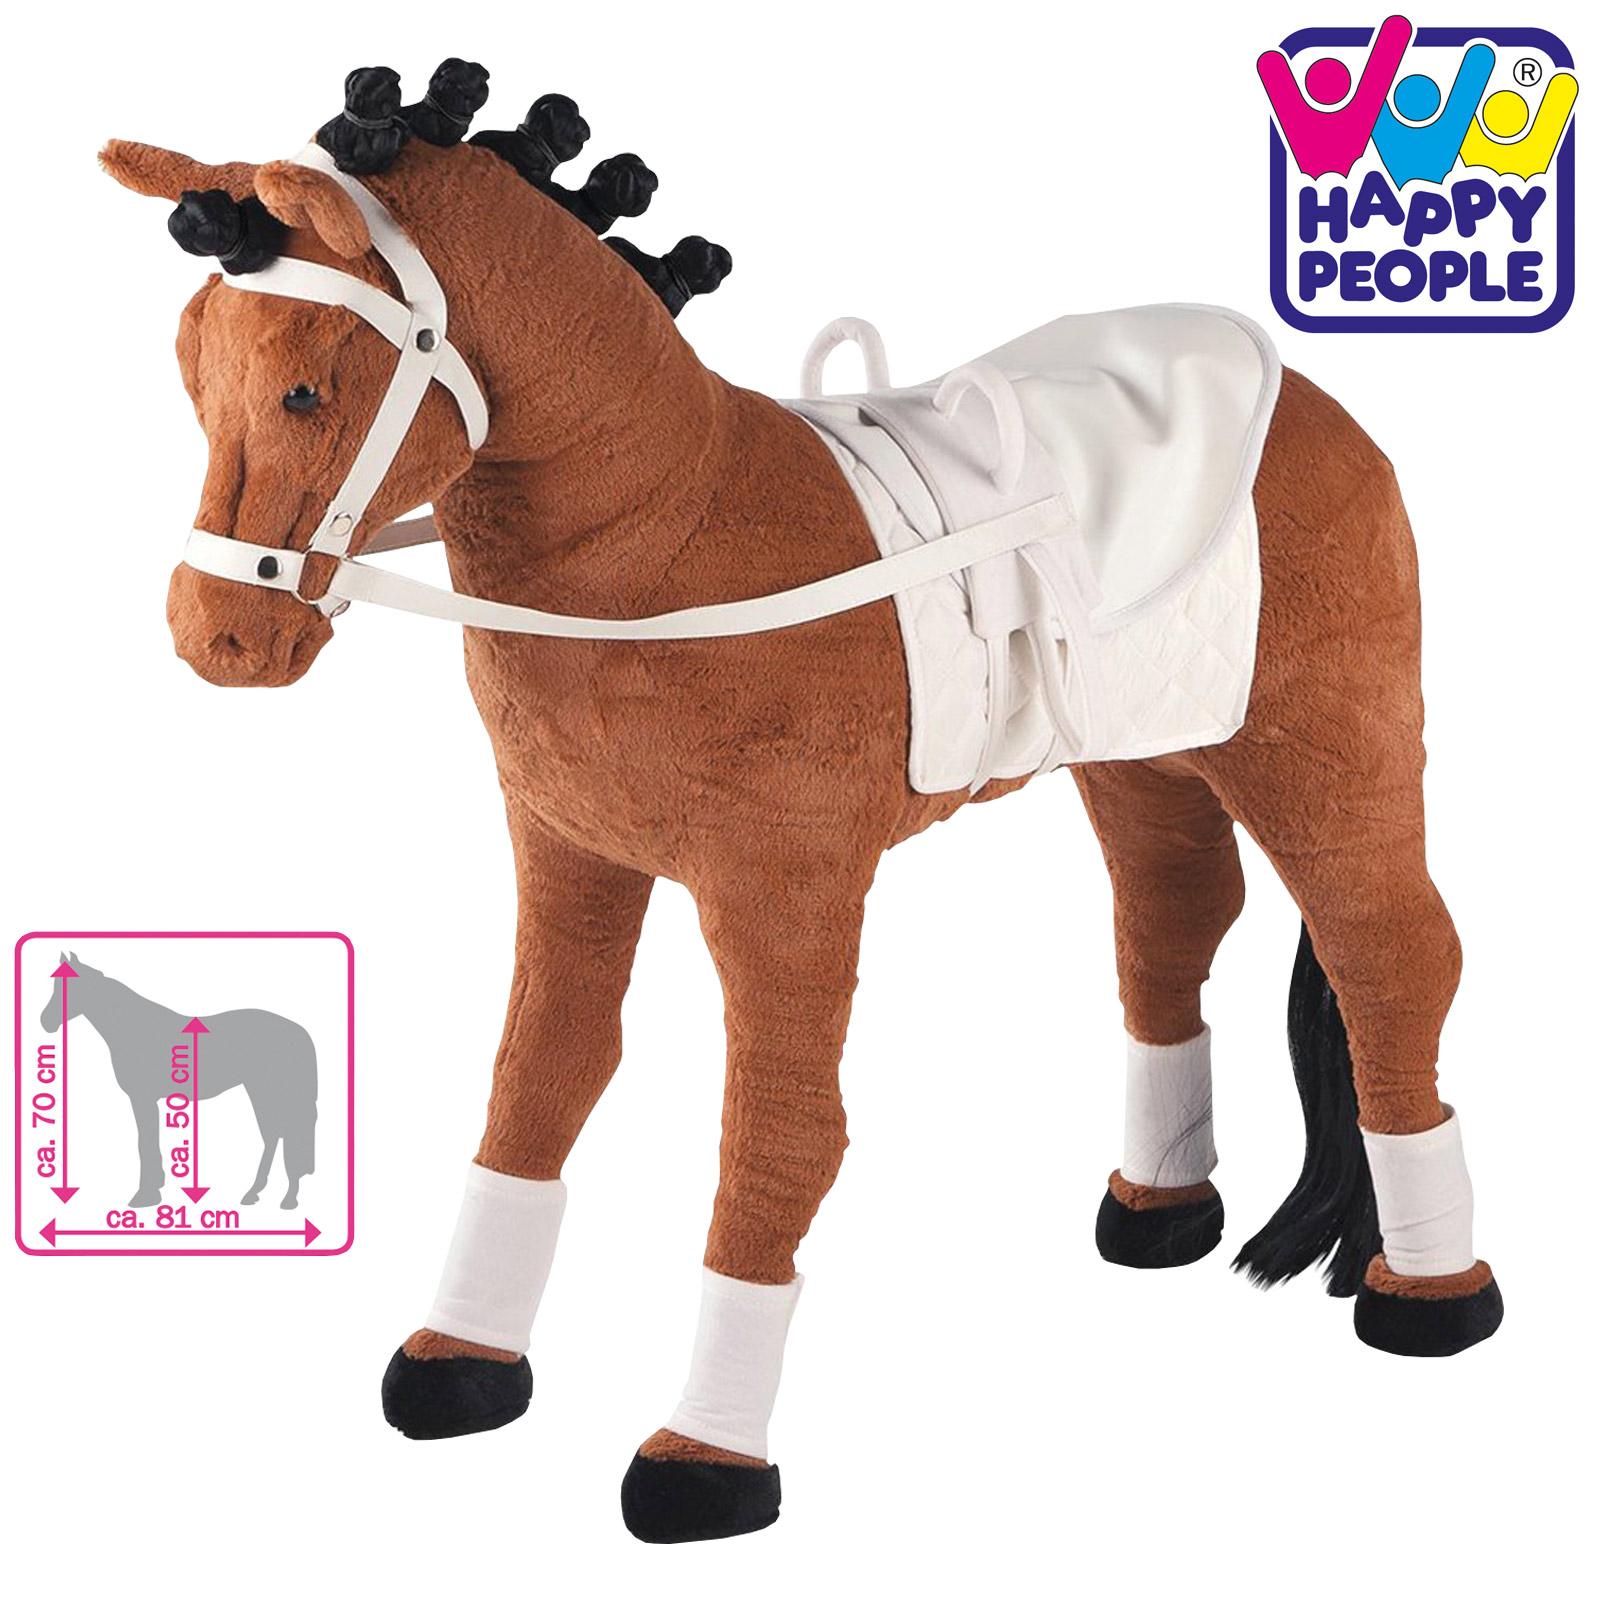 Happy People 58039 Plüschpferd Voltigierpferd mit Sound stehend